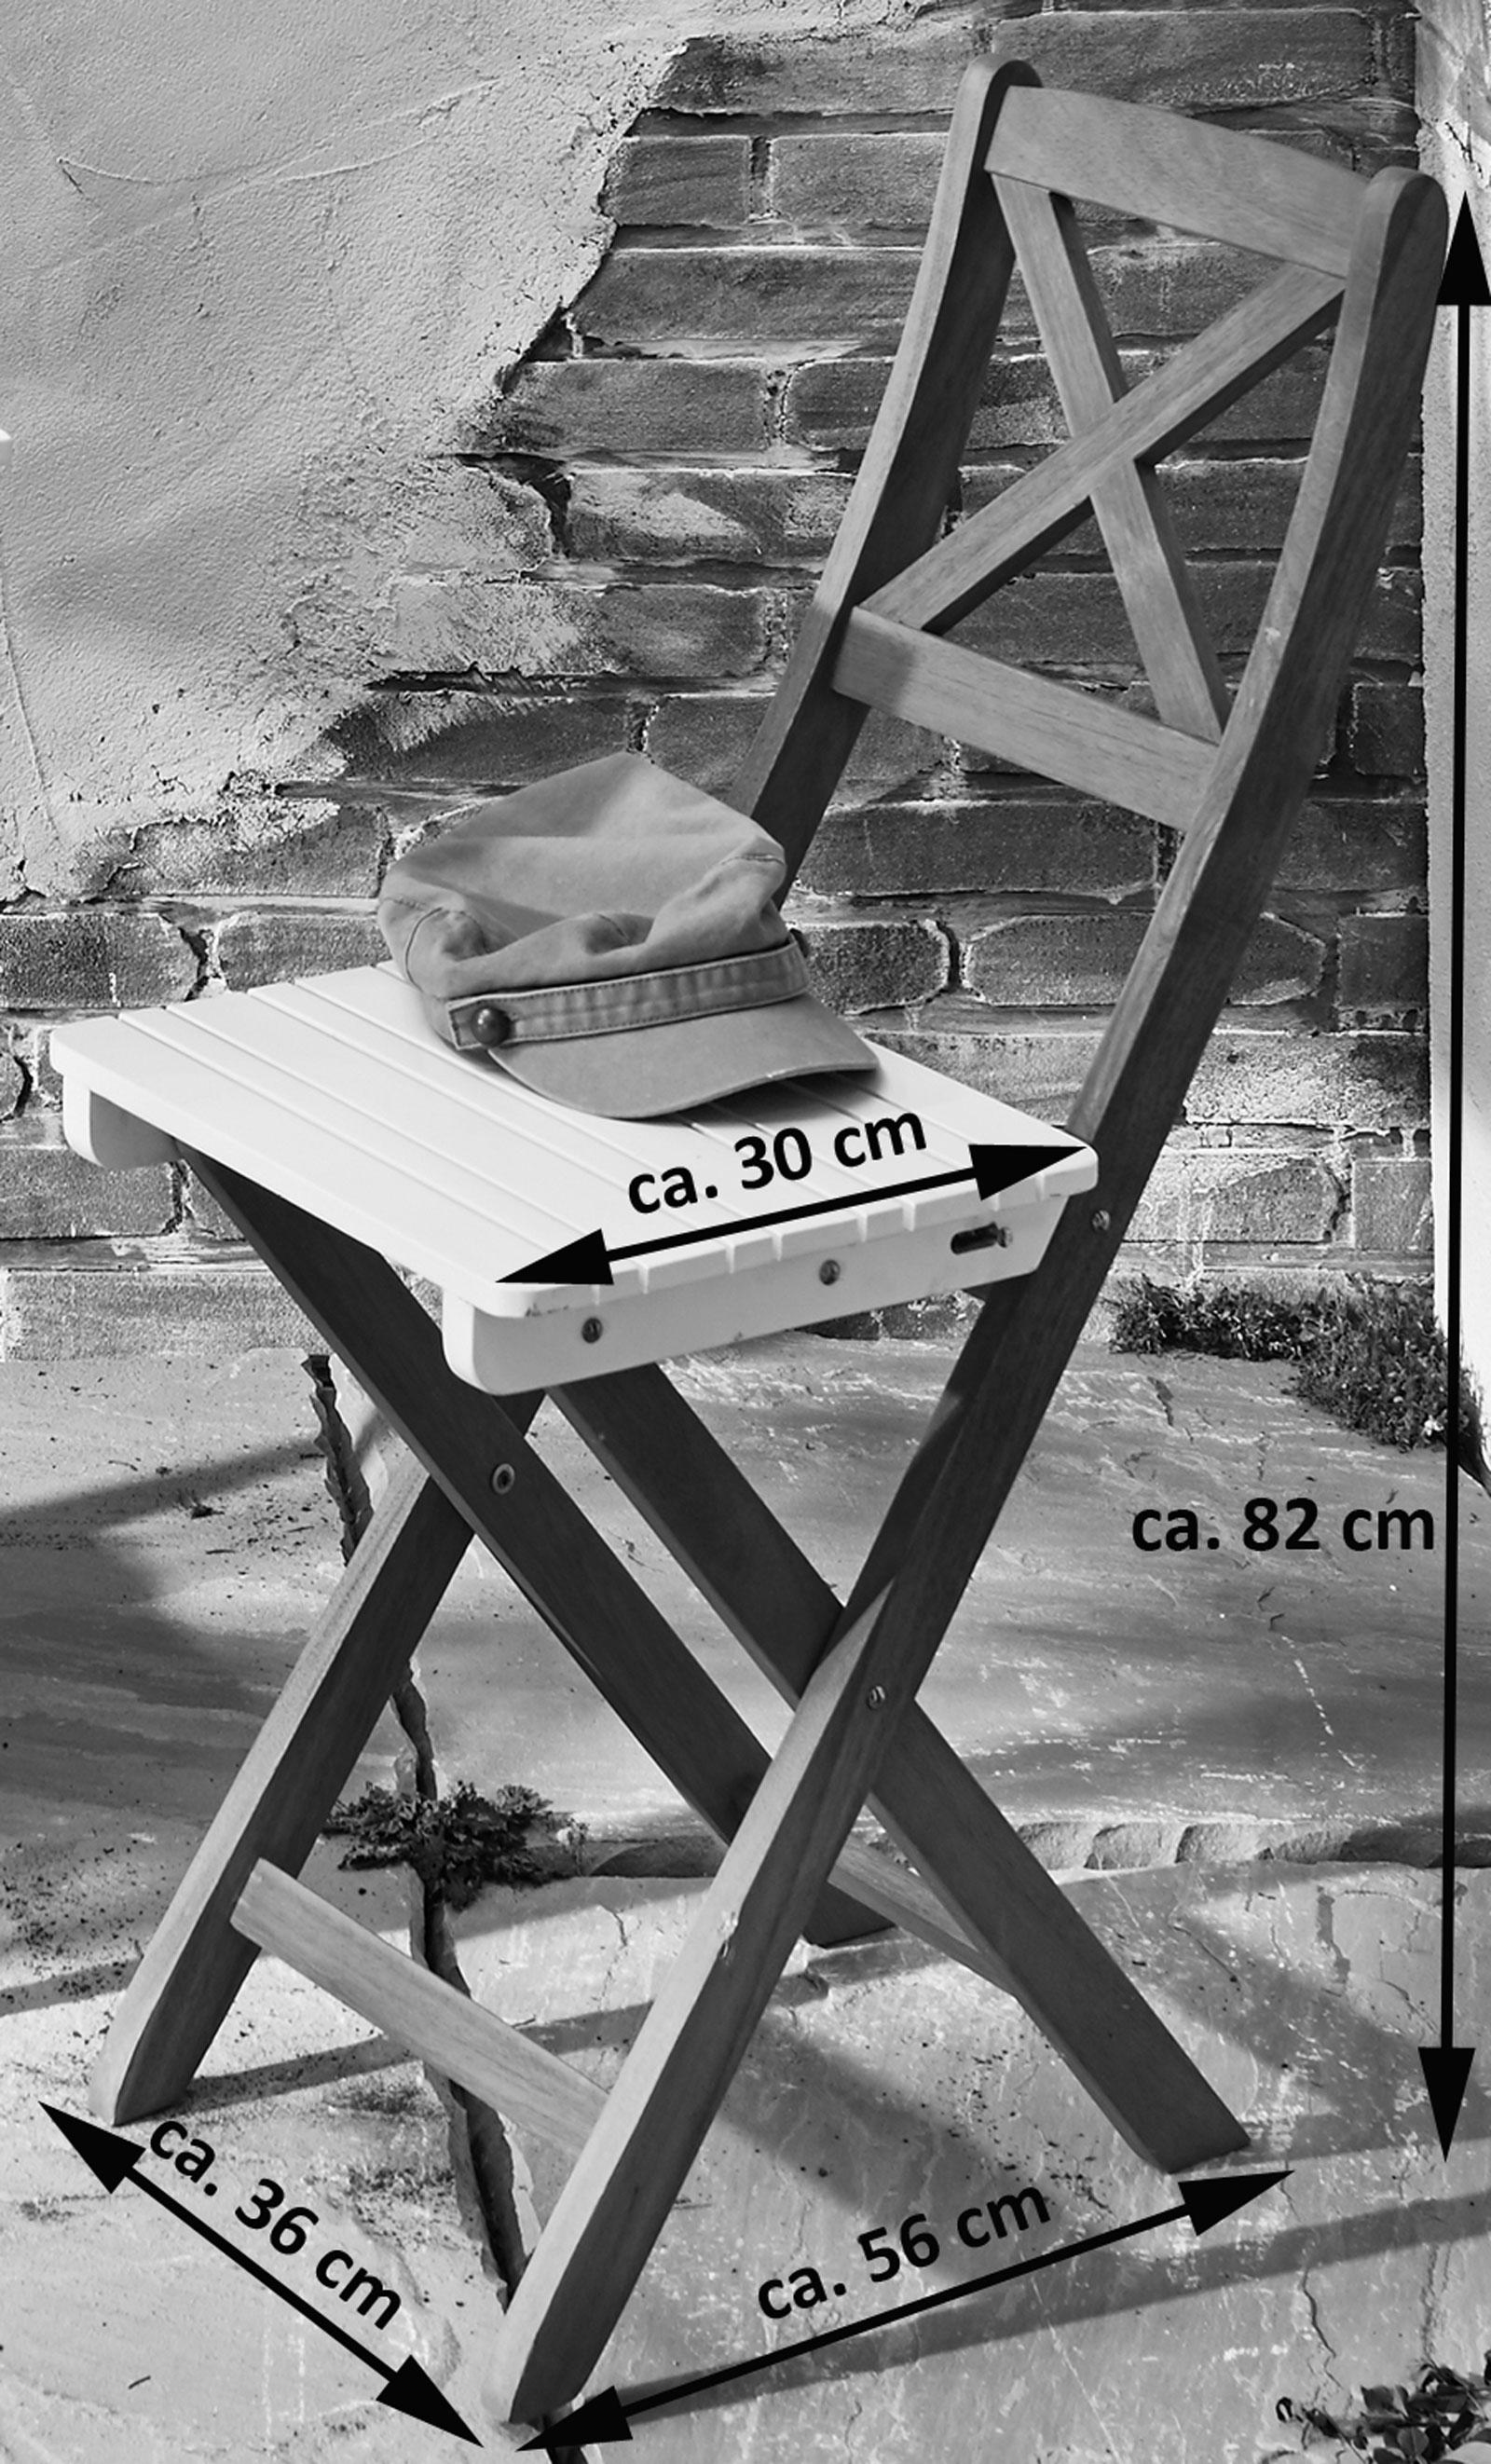 SAM® Balkonmöbel Akazie 3tlg Klapptisch 60 x 60 cm weiß XANTEN